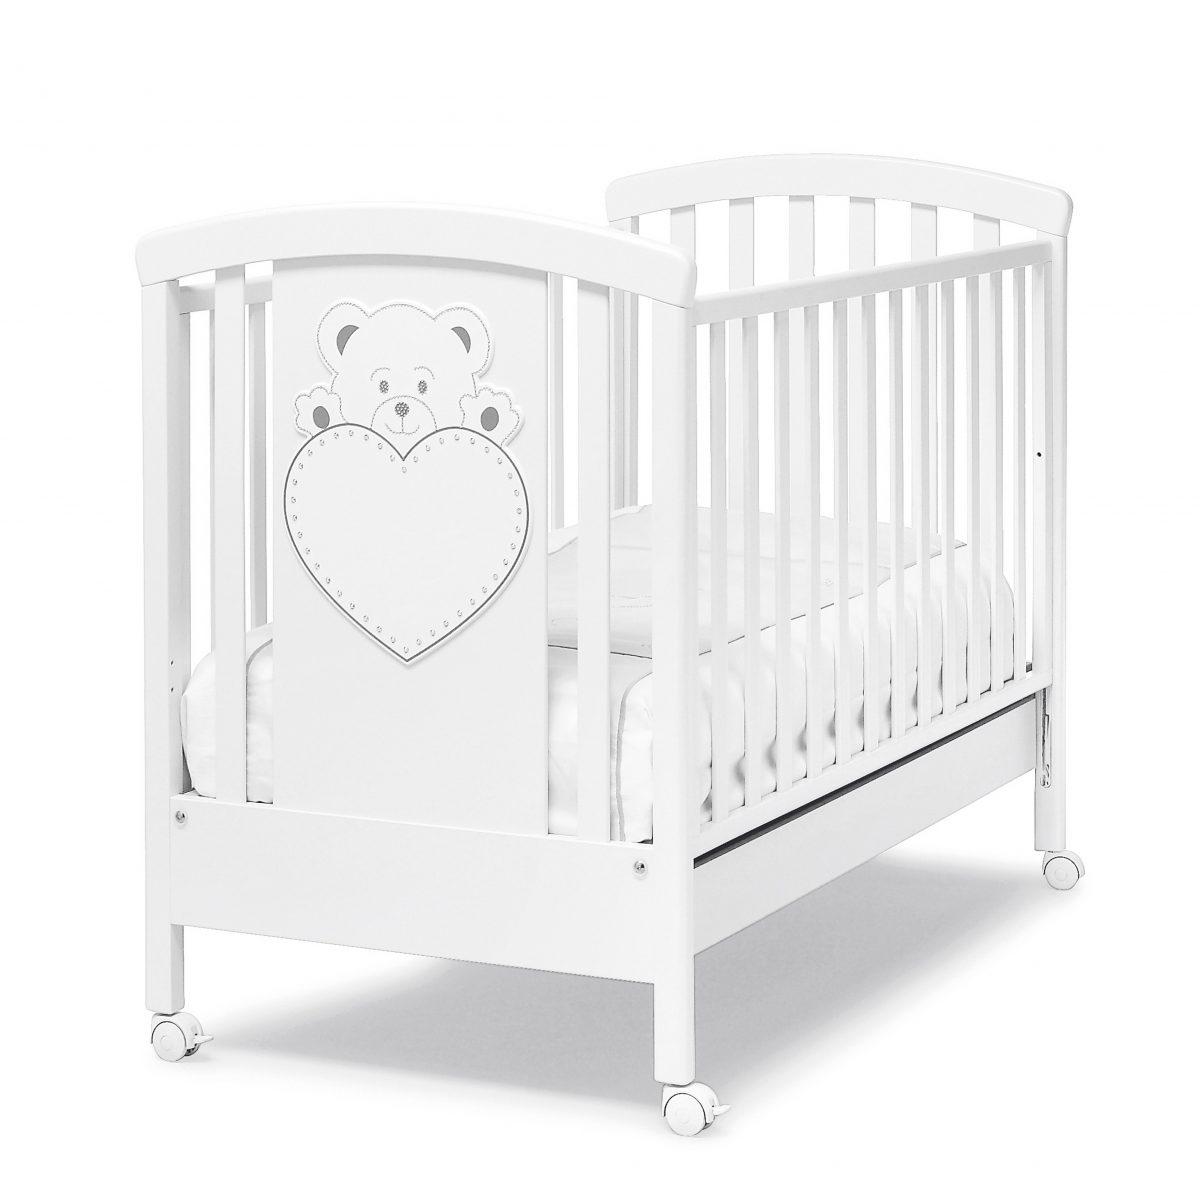 luxusní dětský nábytek - postýlka Lulu se Swarovski elementy